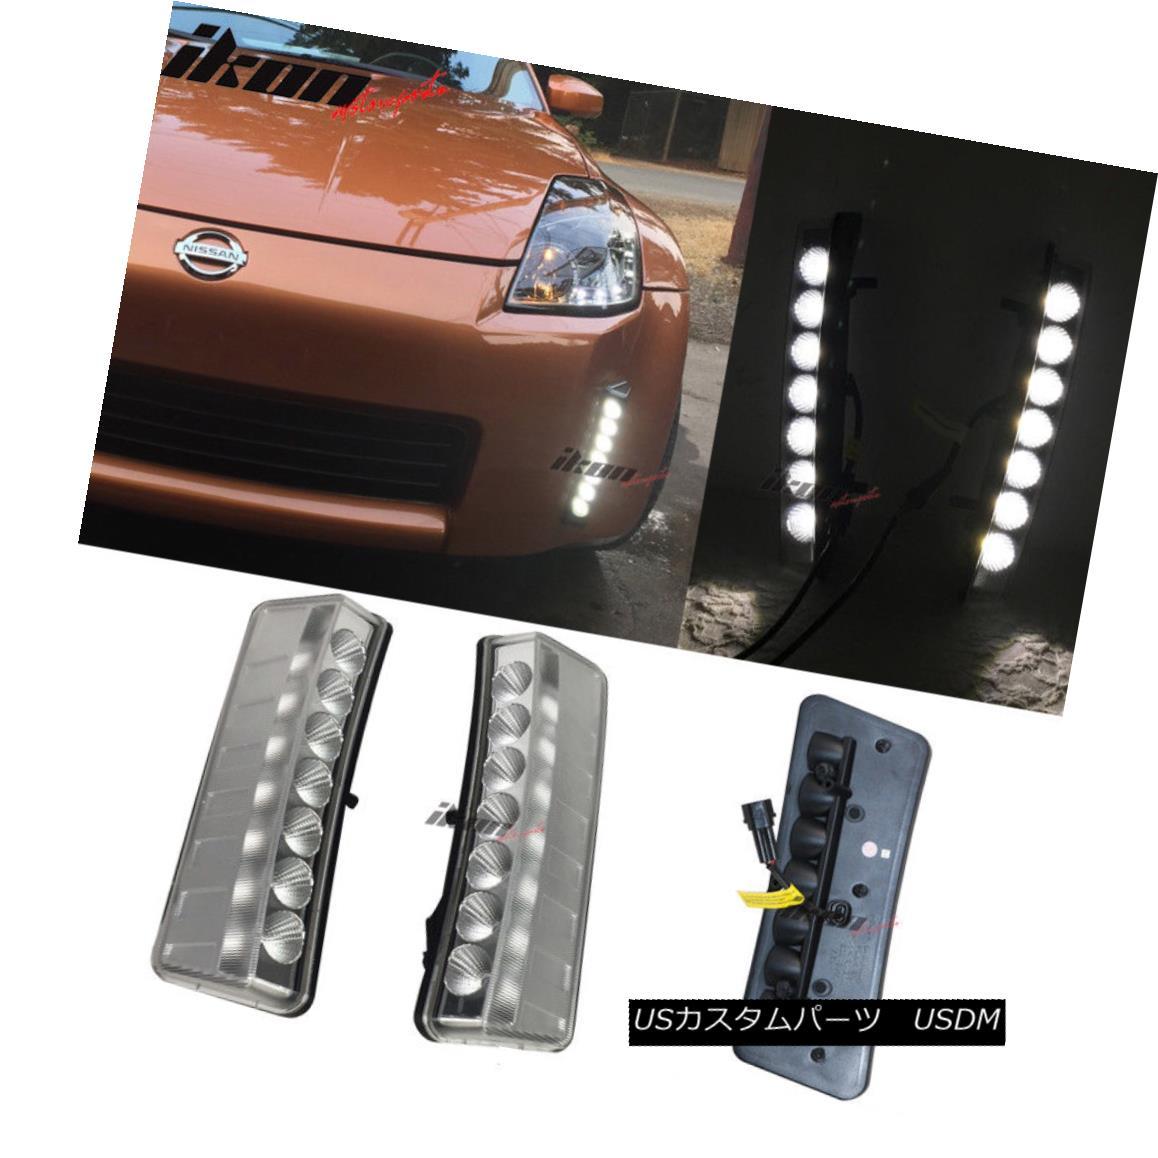 格安SALEスタート! エアロパーツ Fit 03-05 350Z Clear 7-LED Front Bumper Reflector Daytime Running Lights DRL フィット03-05 350Zクリア7 LEDフロントバンパーリフレクターデイタイムランニングライトDRL, annadonna アンナドンナ 87c1214f